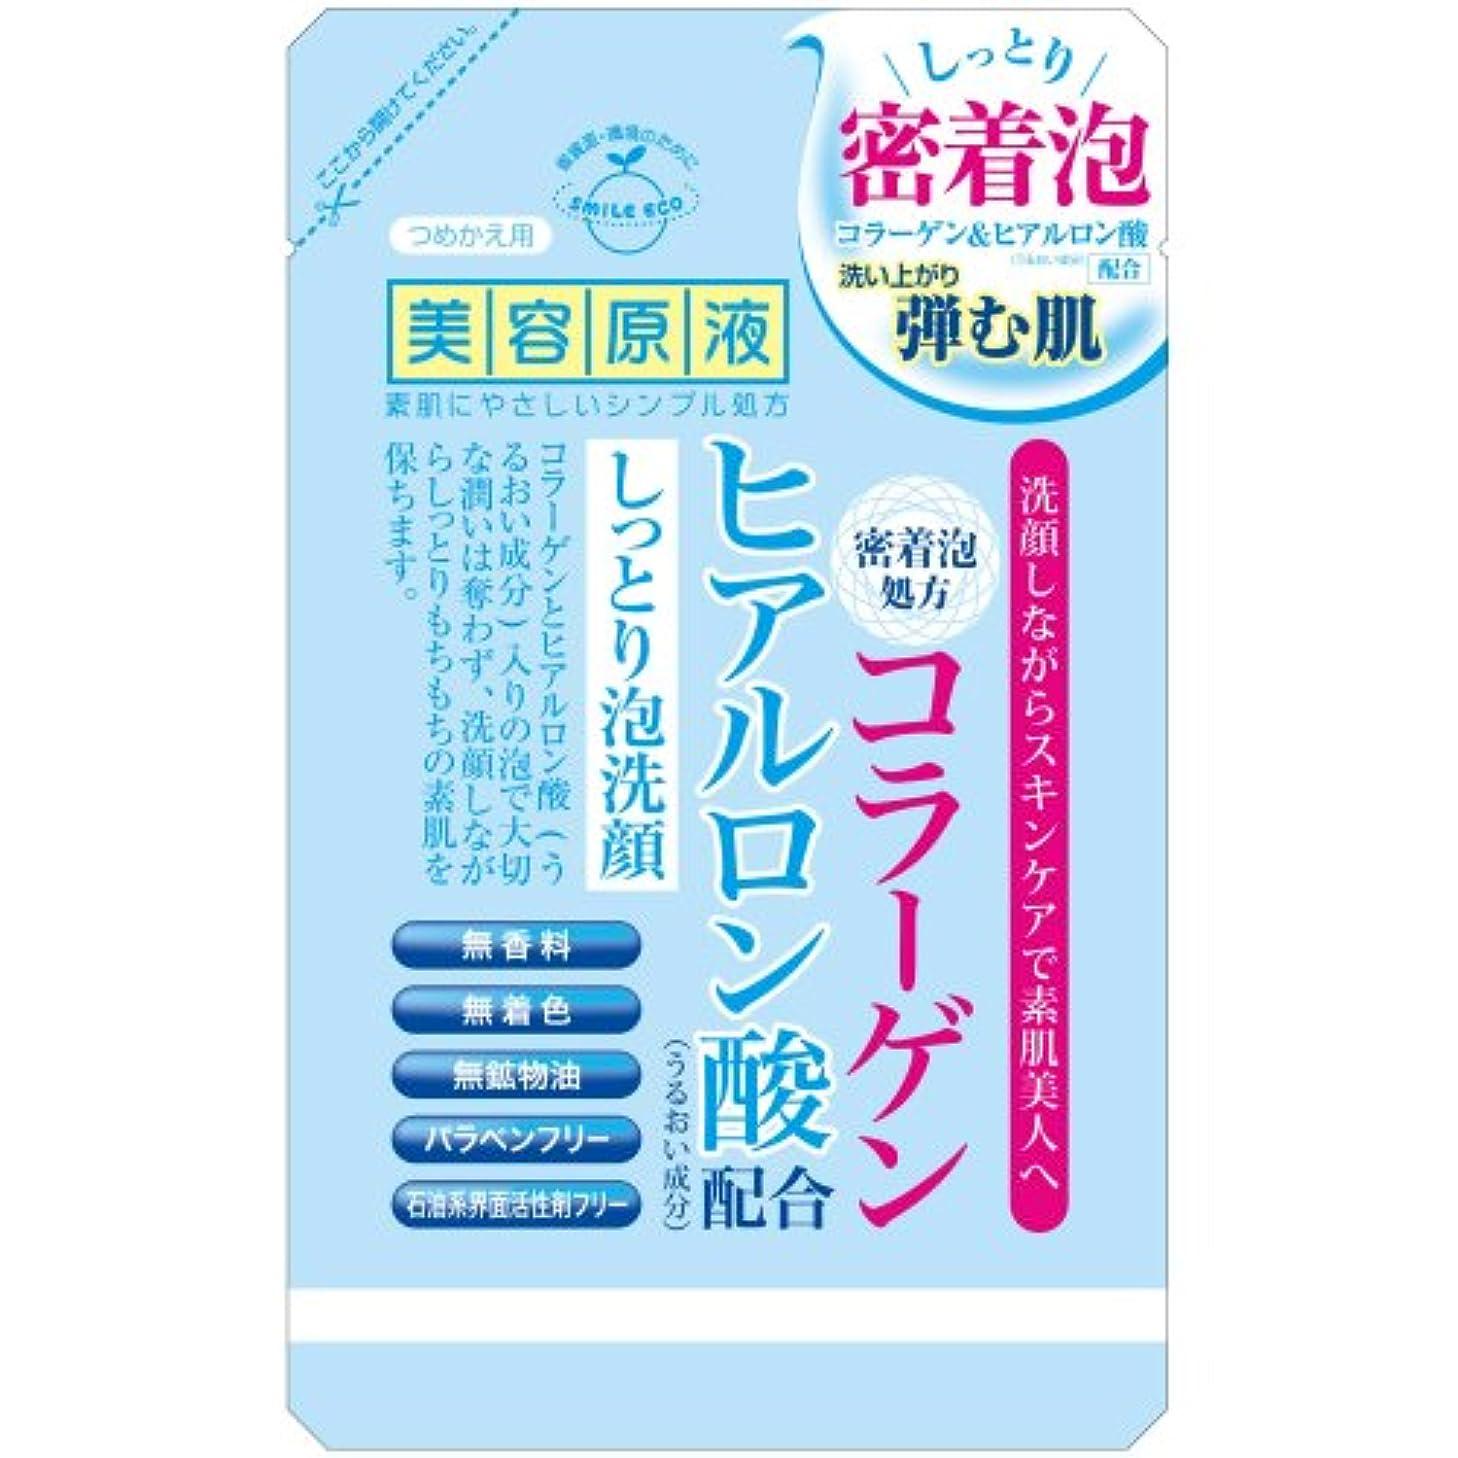 ニューストレイ狭い美容原液 CH うるおい泡洗顔 詰替 (コラーゲン?ヒアルロン酸) 145mL